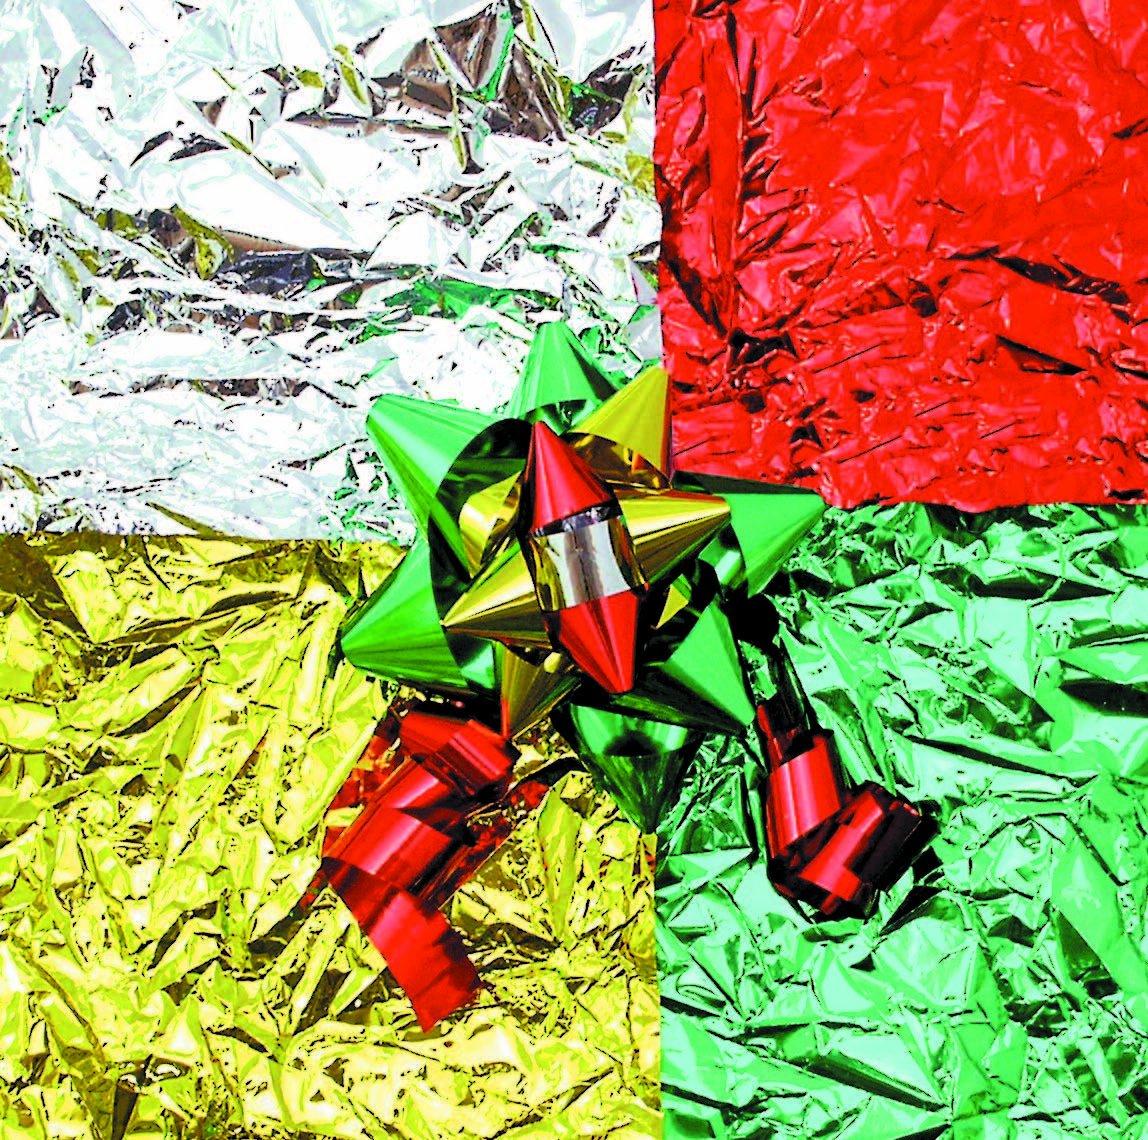 CI - Carta metallizzata assortita, 46 x 76 cm, 12 pezzi, colore: rosso/verde/oro/argento 5861-8